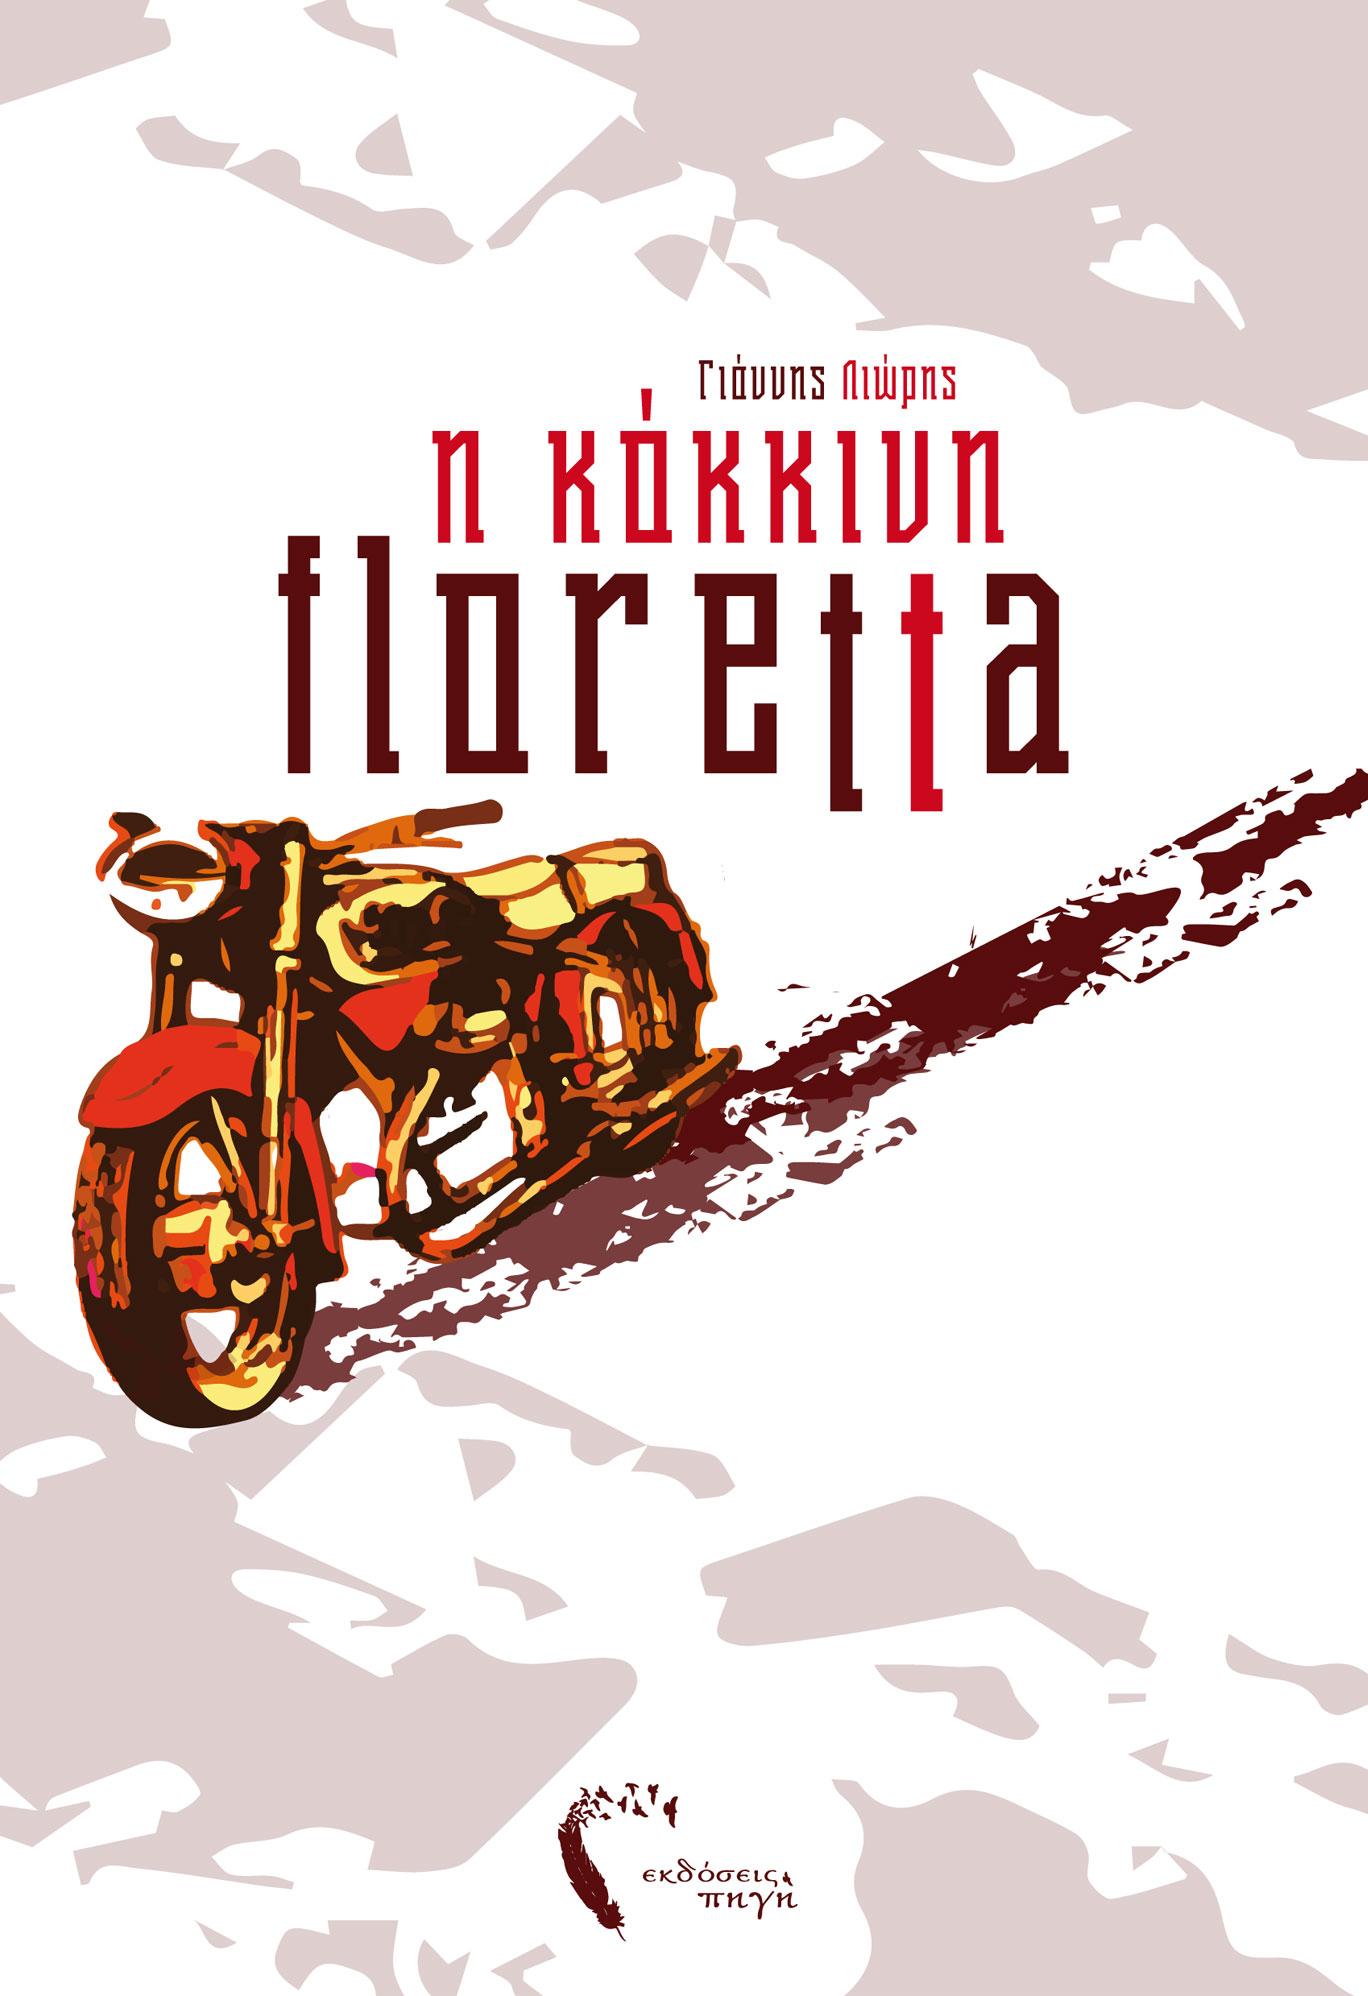 Η κόκκινη floretta, Γιάννης Λιώρης, Εκδόσεις Πηγή - www.pigi.gr